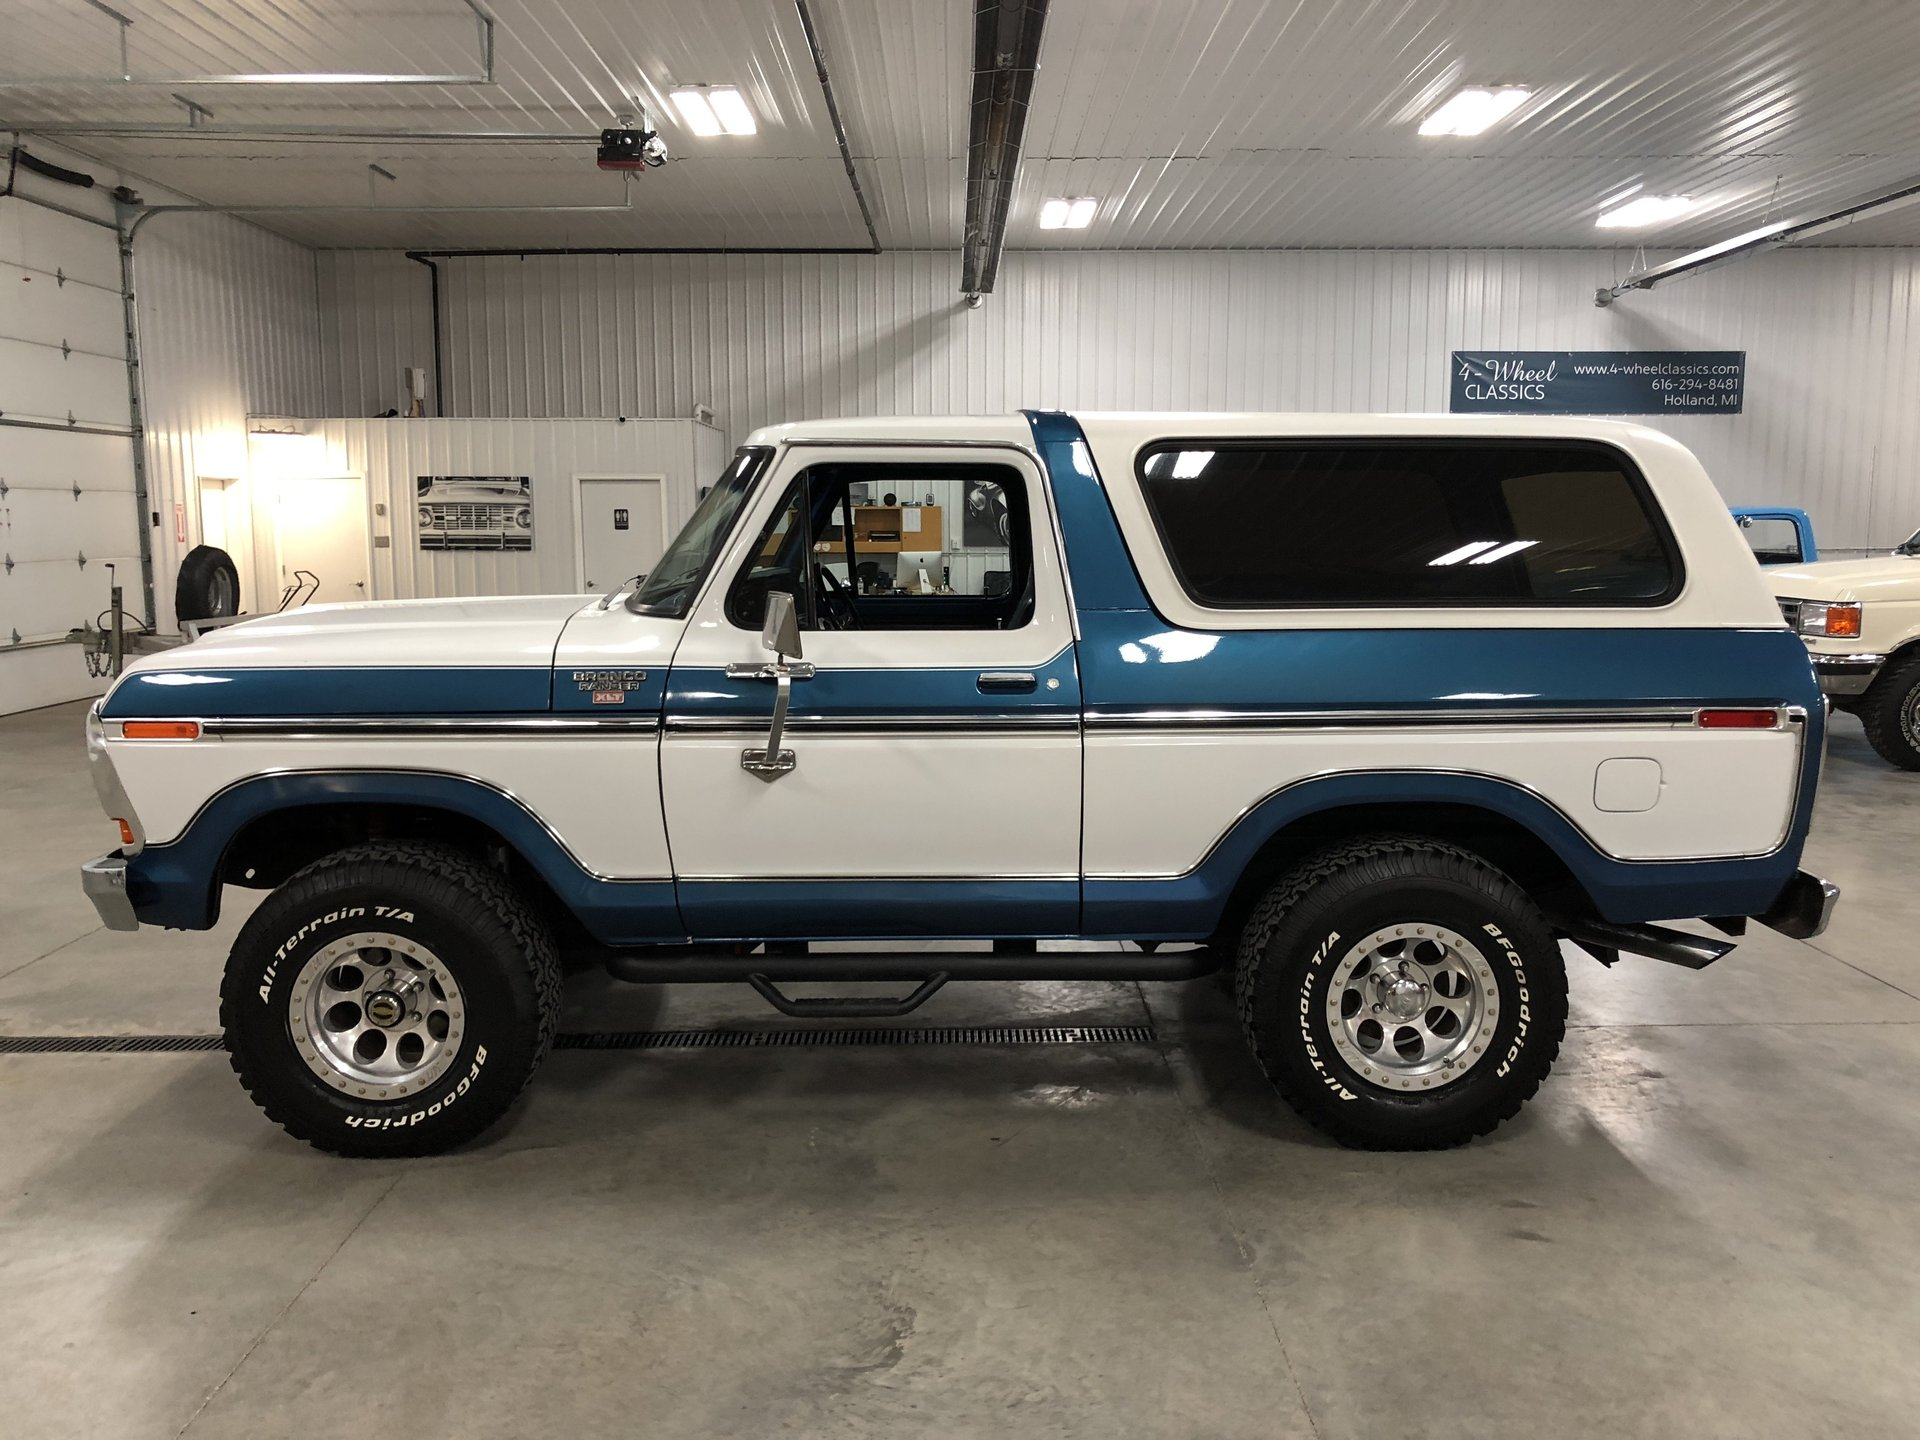 Steam Clean Car Interior >> 1979 Ford Bronco | 4-Wheel Classics/Classic Car, Truck ...